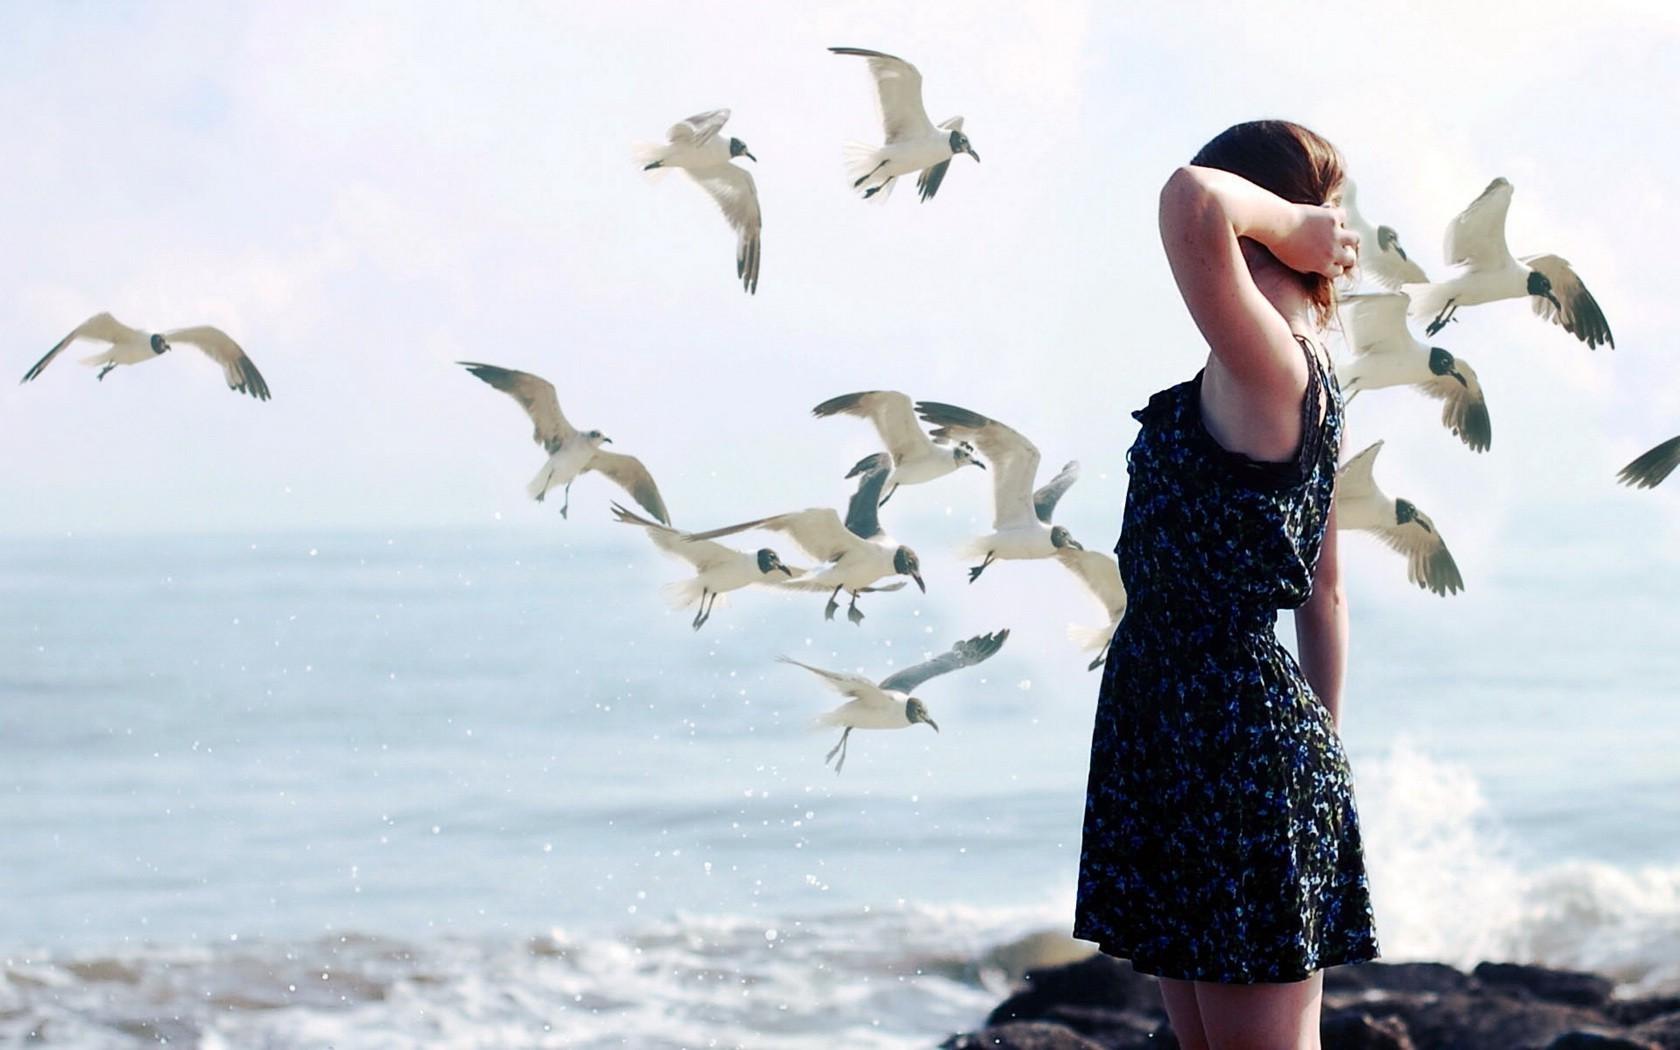 Obrázky dlouhých ptáků